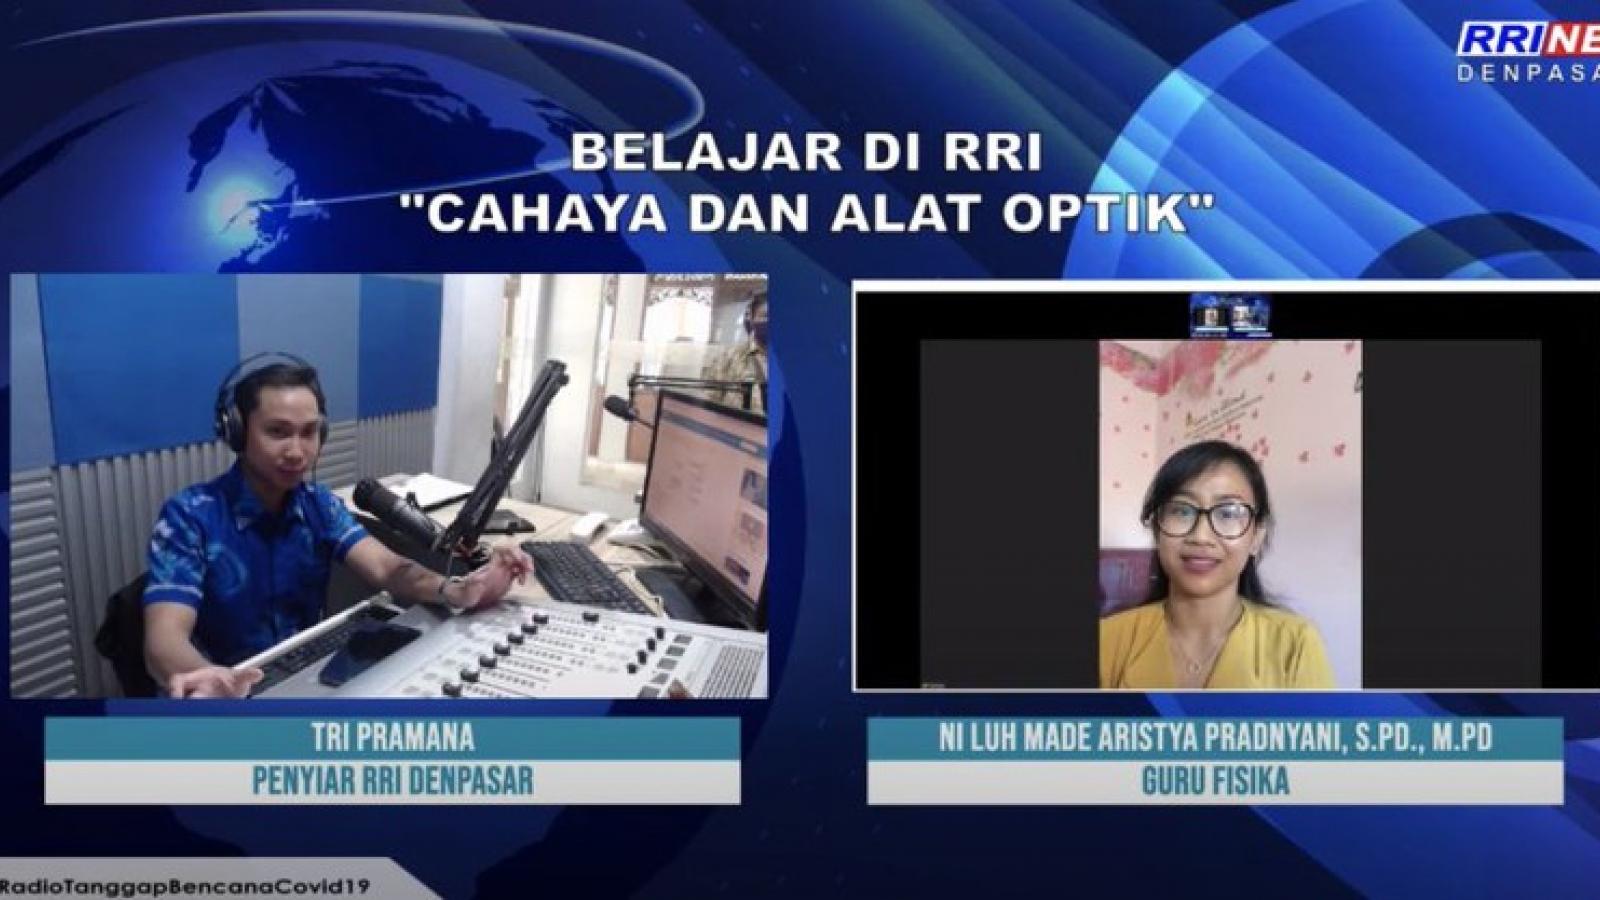 Lớp học Radio mùa Covid-19 của Đài phát thanh quốc gia Indonesia